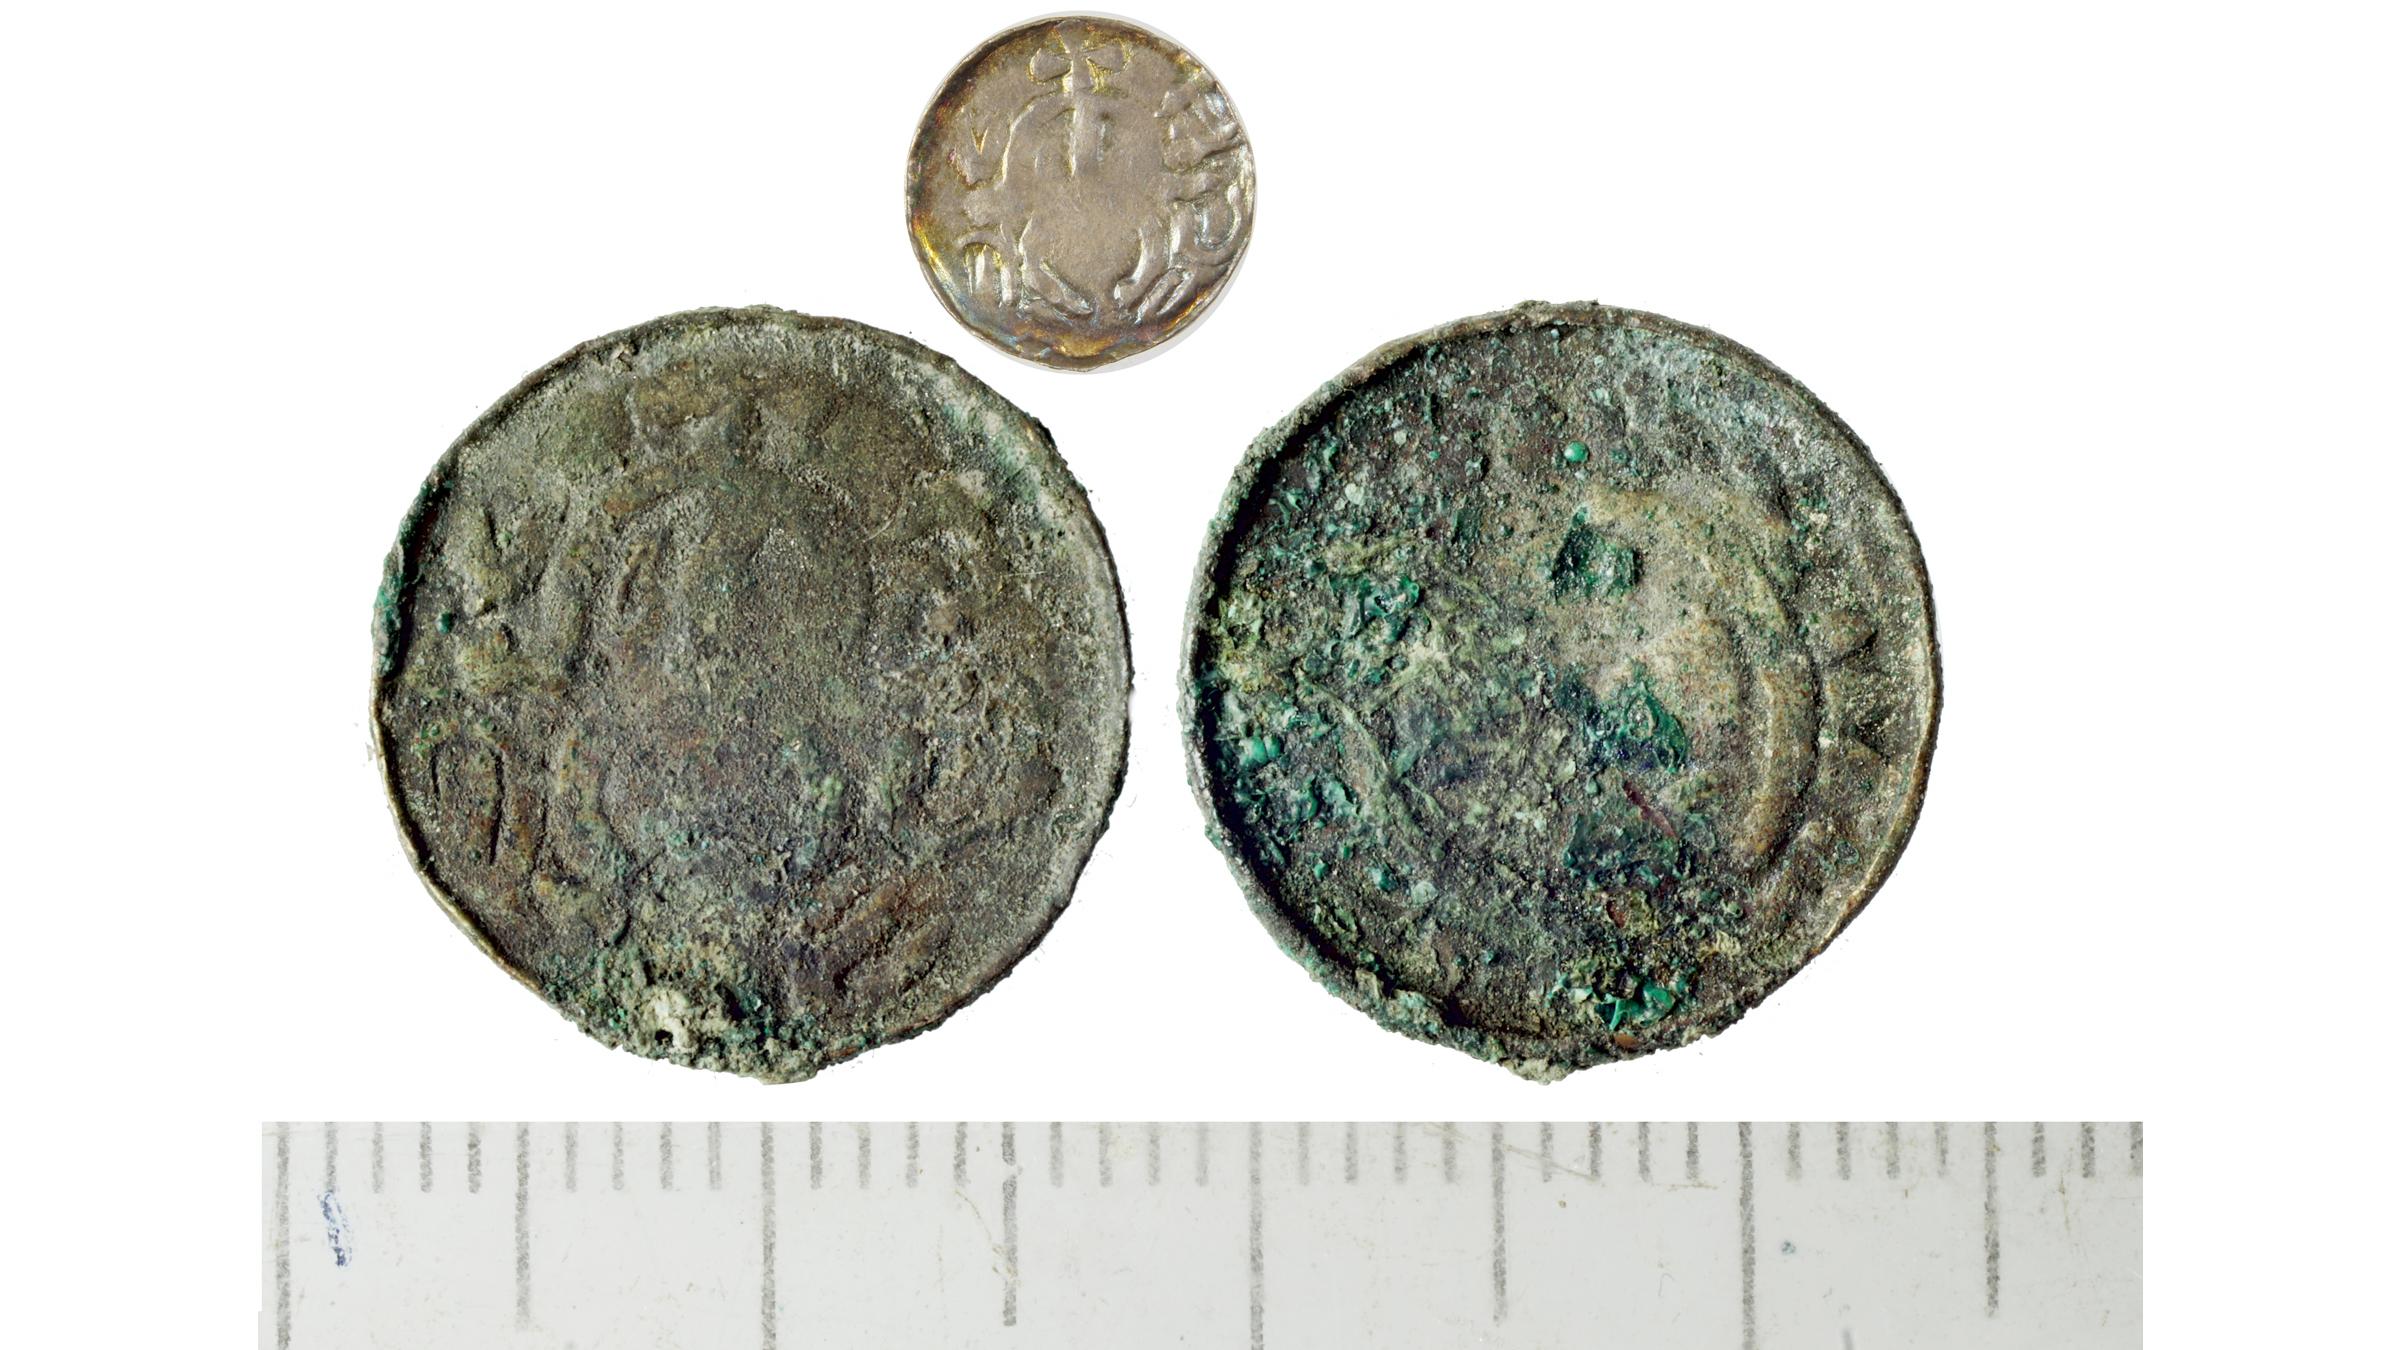 Un denier (pièce d'argent) de Sieciech, un homme d'État polonais de haut rang, daté de 1095-1100.